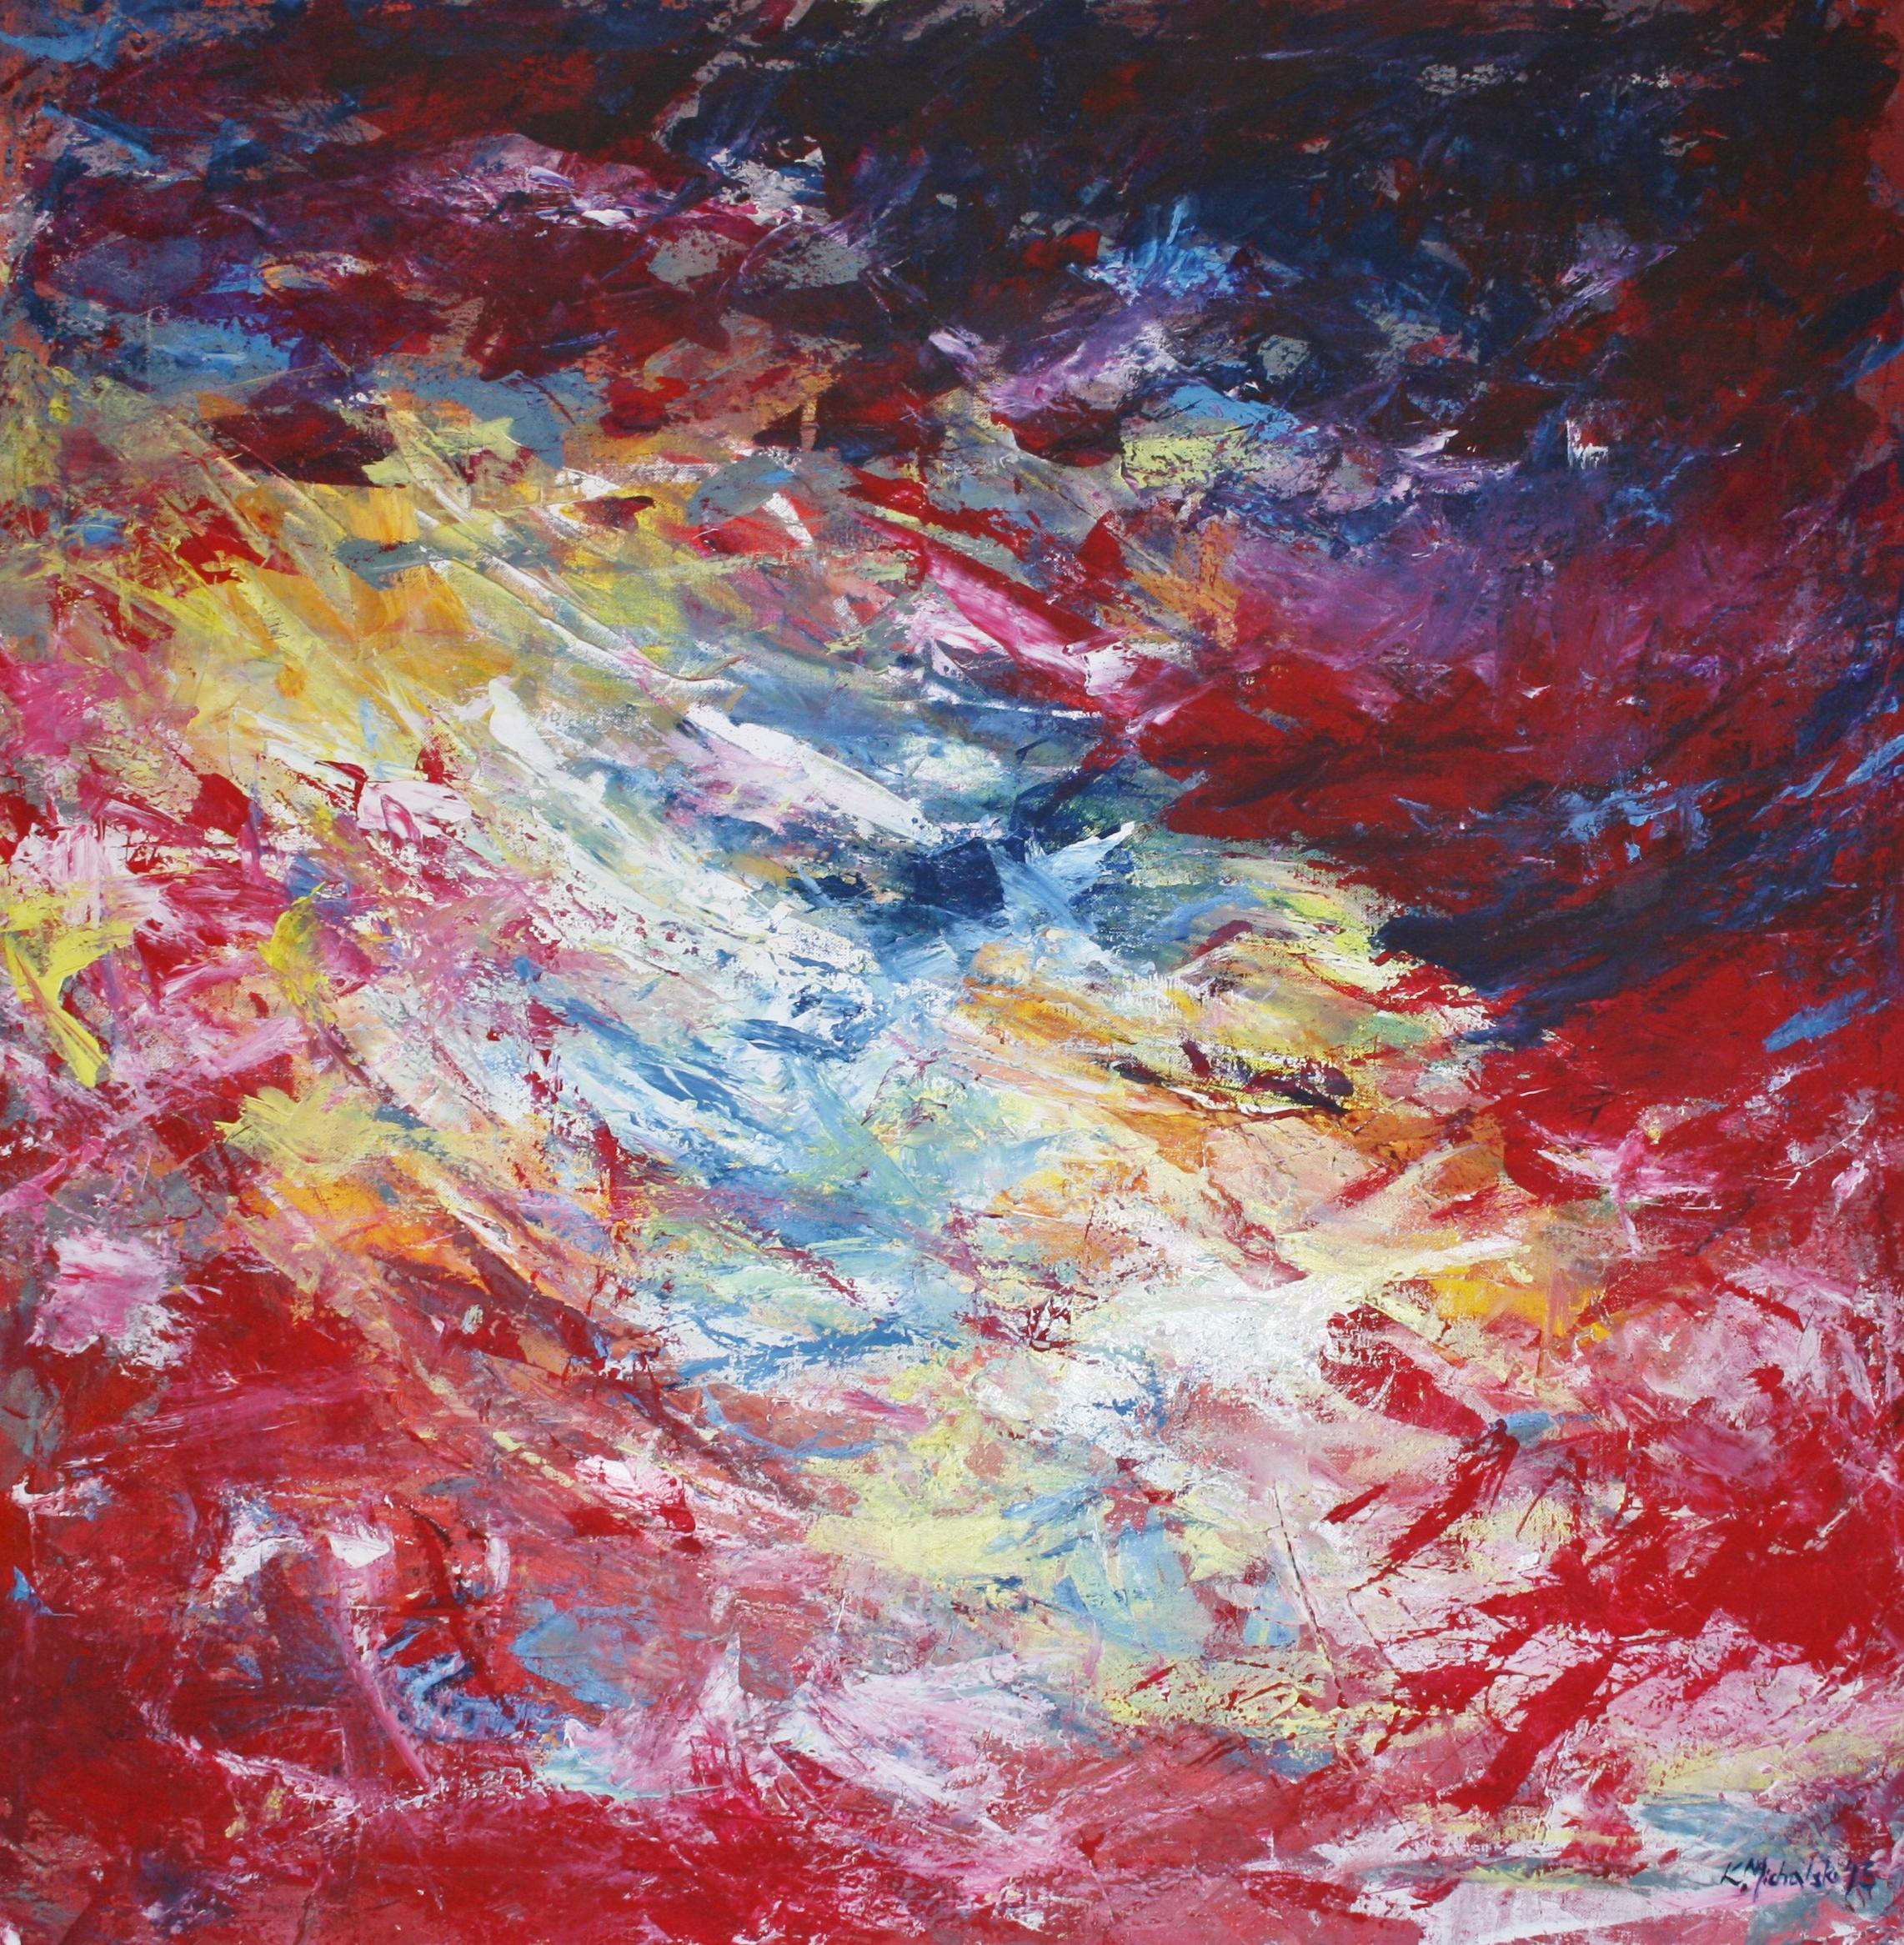 Himmelsloch, 2013, 100 x 100, Acryl auf Leinwand